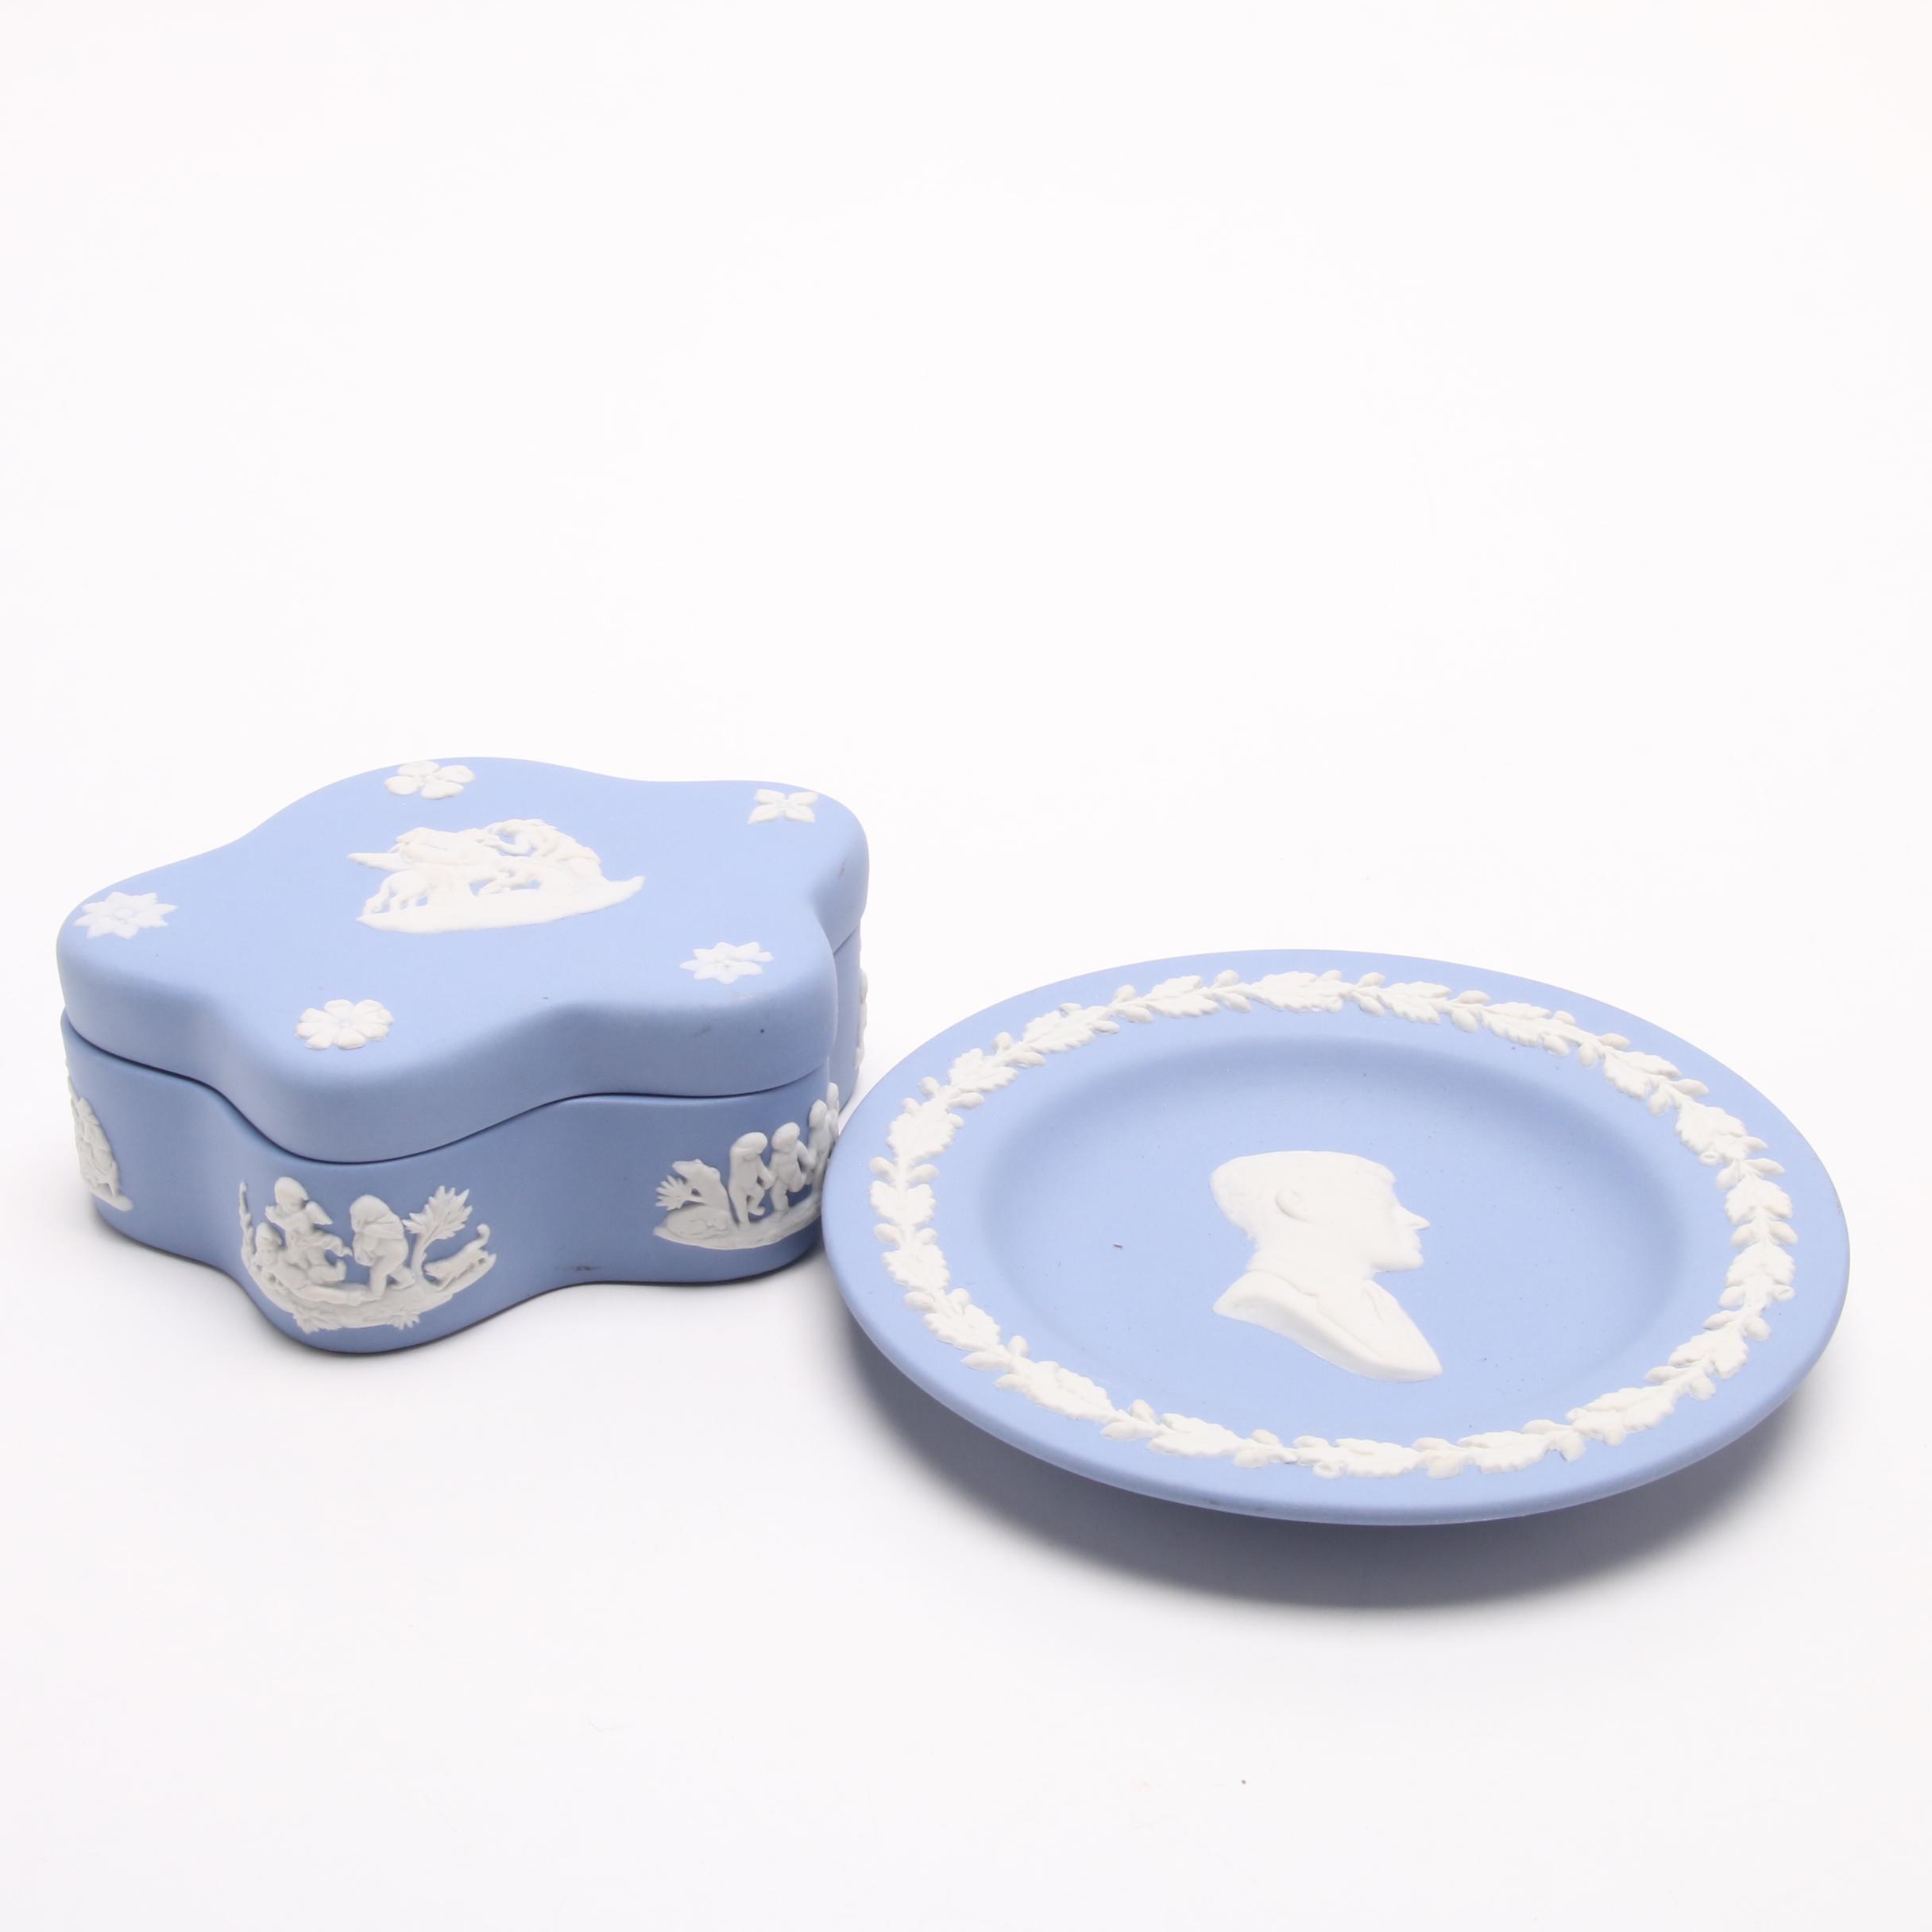 Wedgwood Pale Blue Jasperware Trinket Box and Plate